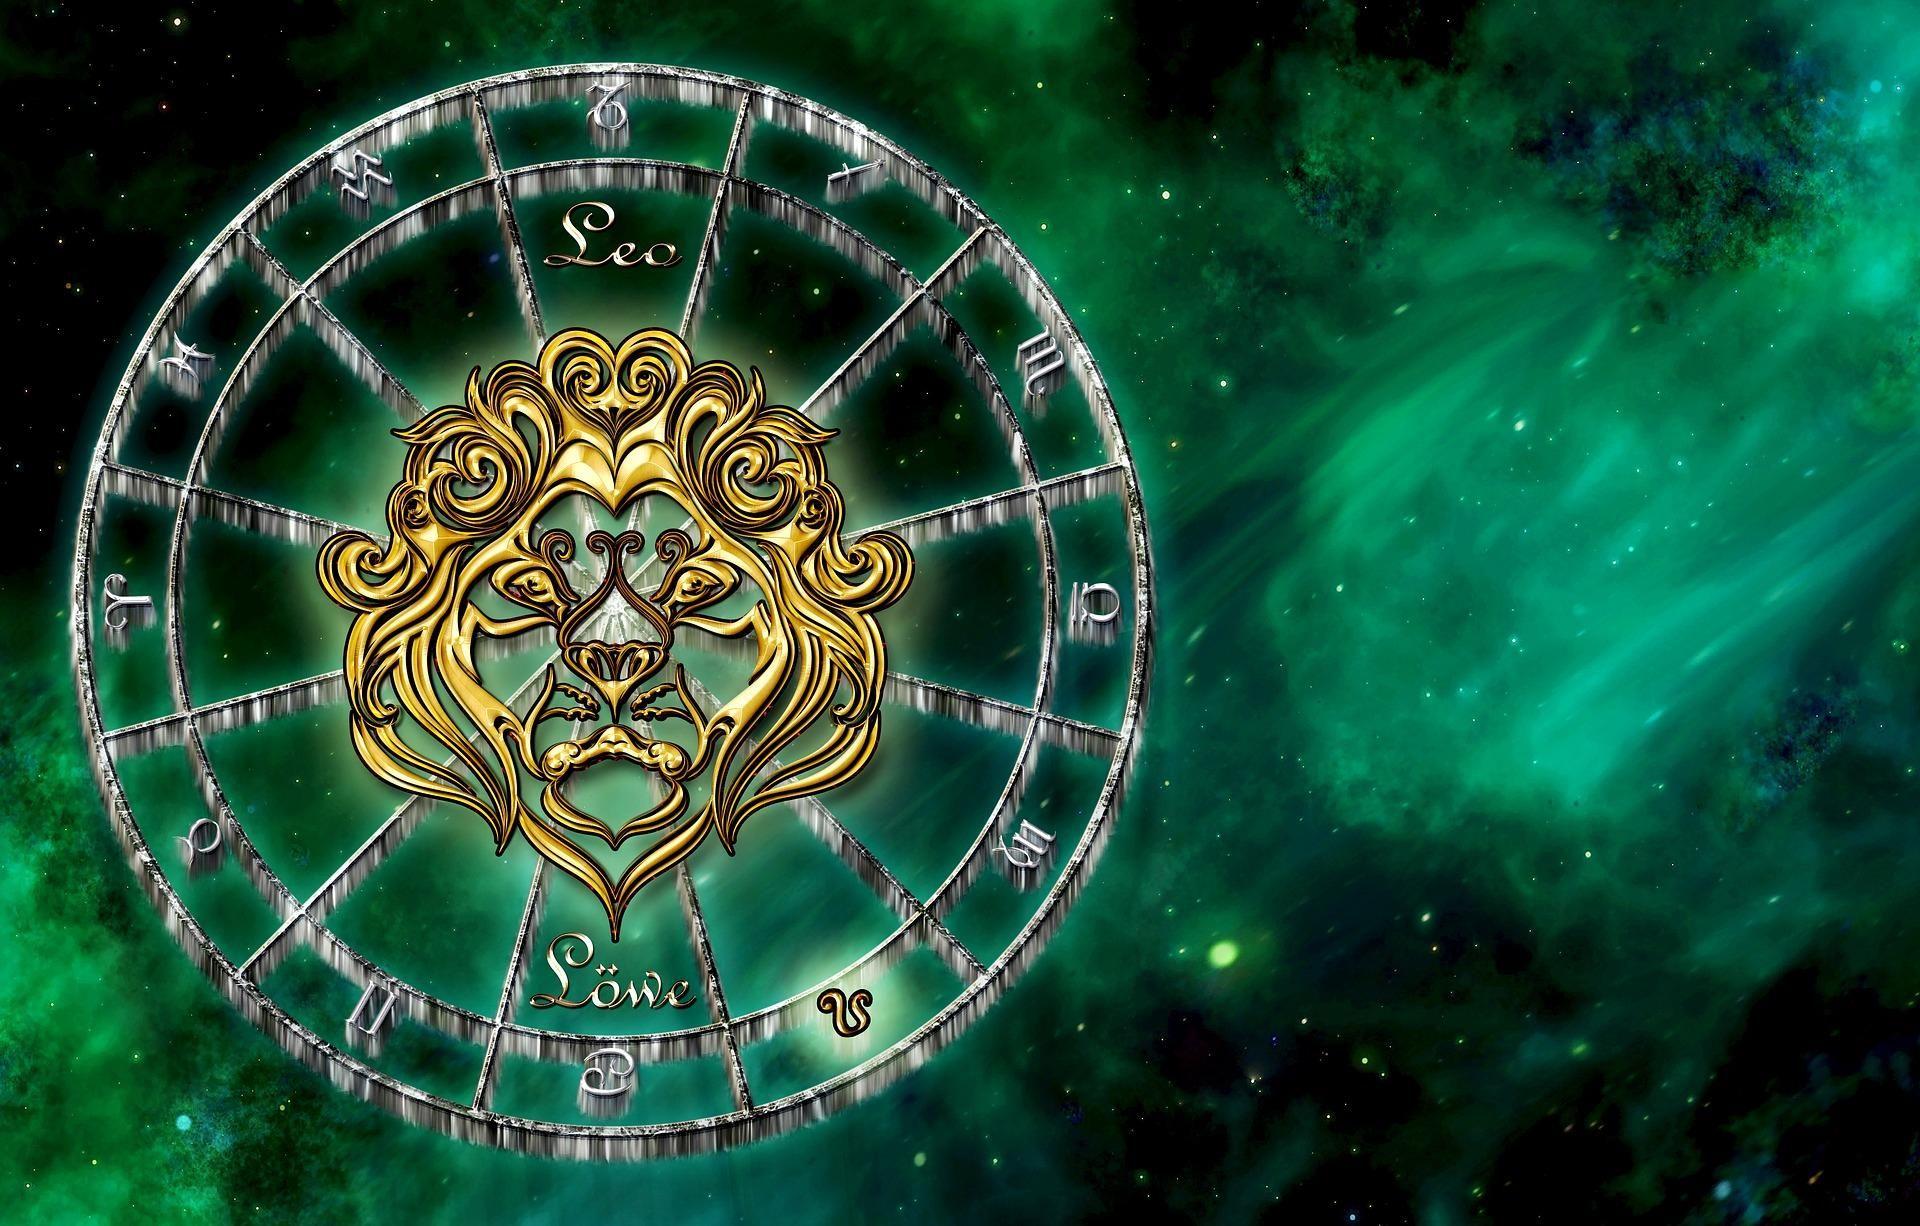 كيف اعرف برجي من تاريخ ميلادي بالميلادي كيف اعرف برجي الطالع من تاريخ ميلادي كيف اعرف برجي من اسمي الأبراج بتا In 2020 Gemini And Cancer Horoscope Taurus And Gemini